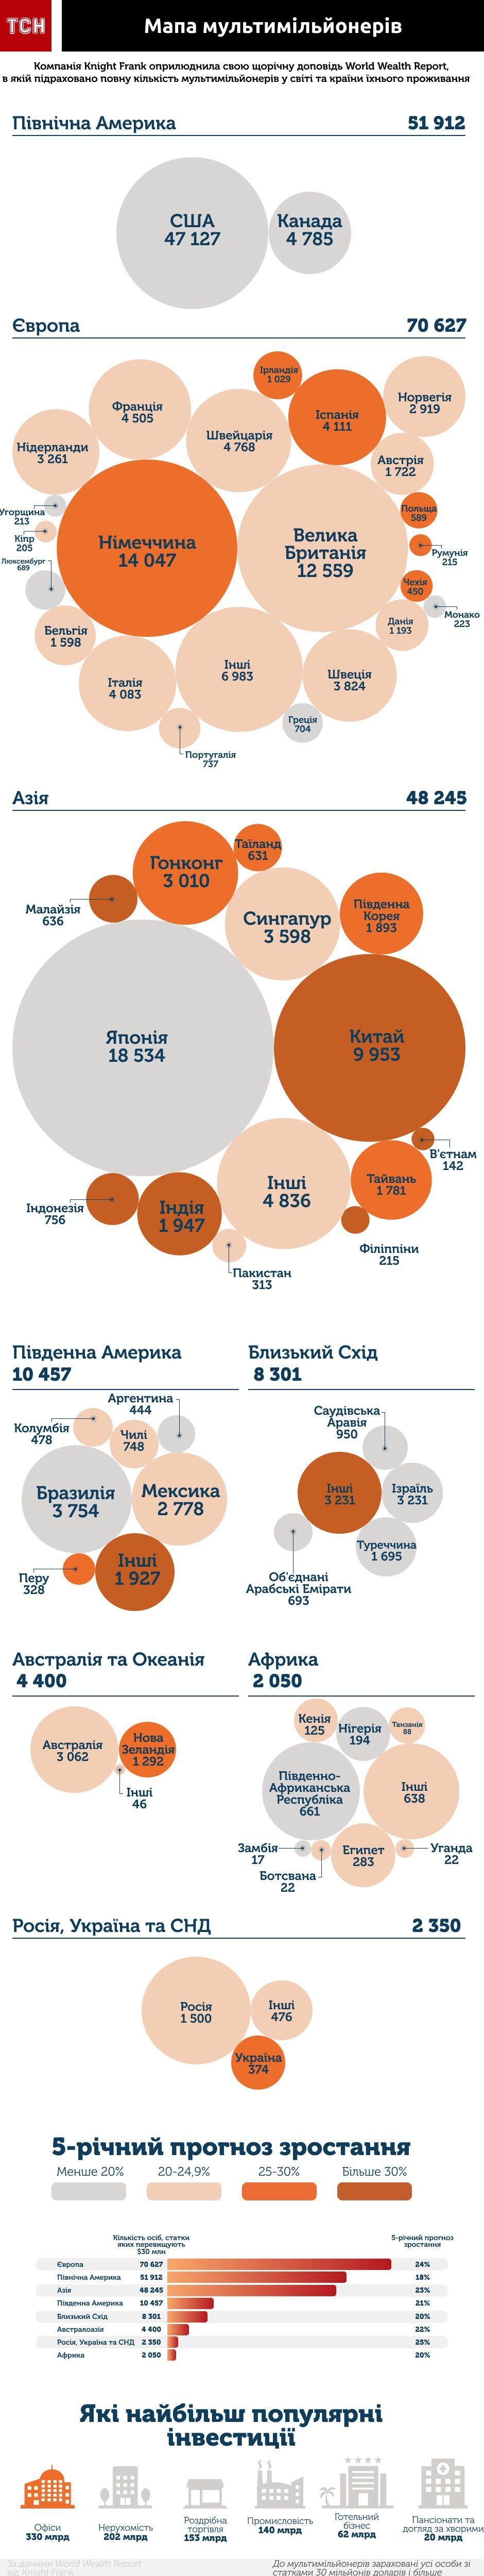 По всему миру насчитали 198 342 мультимиллионеров